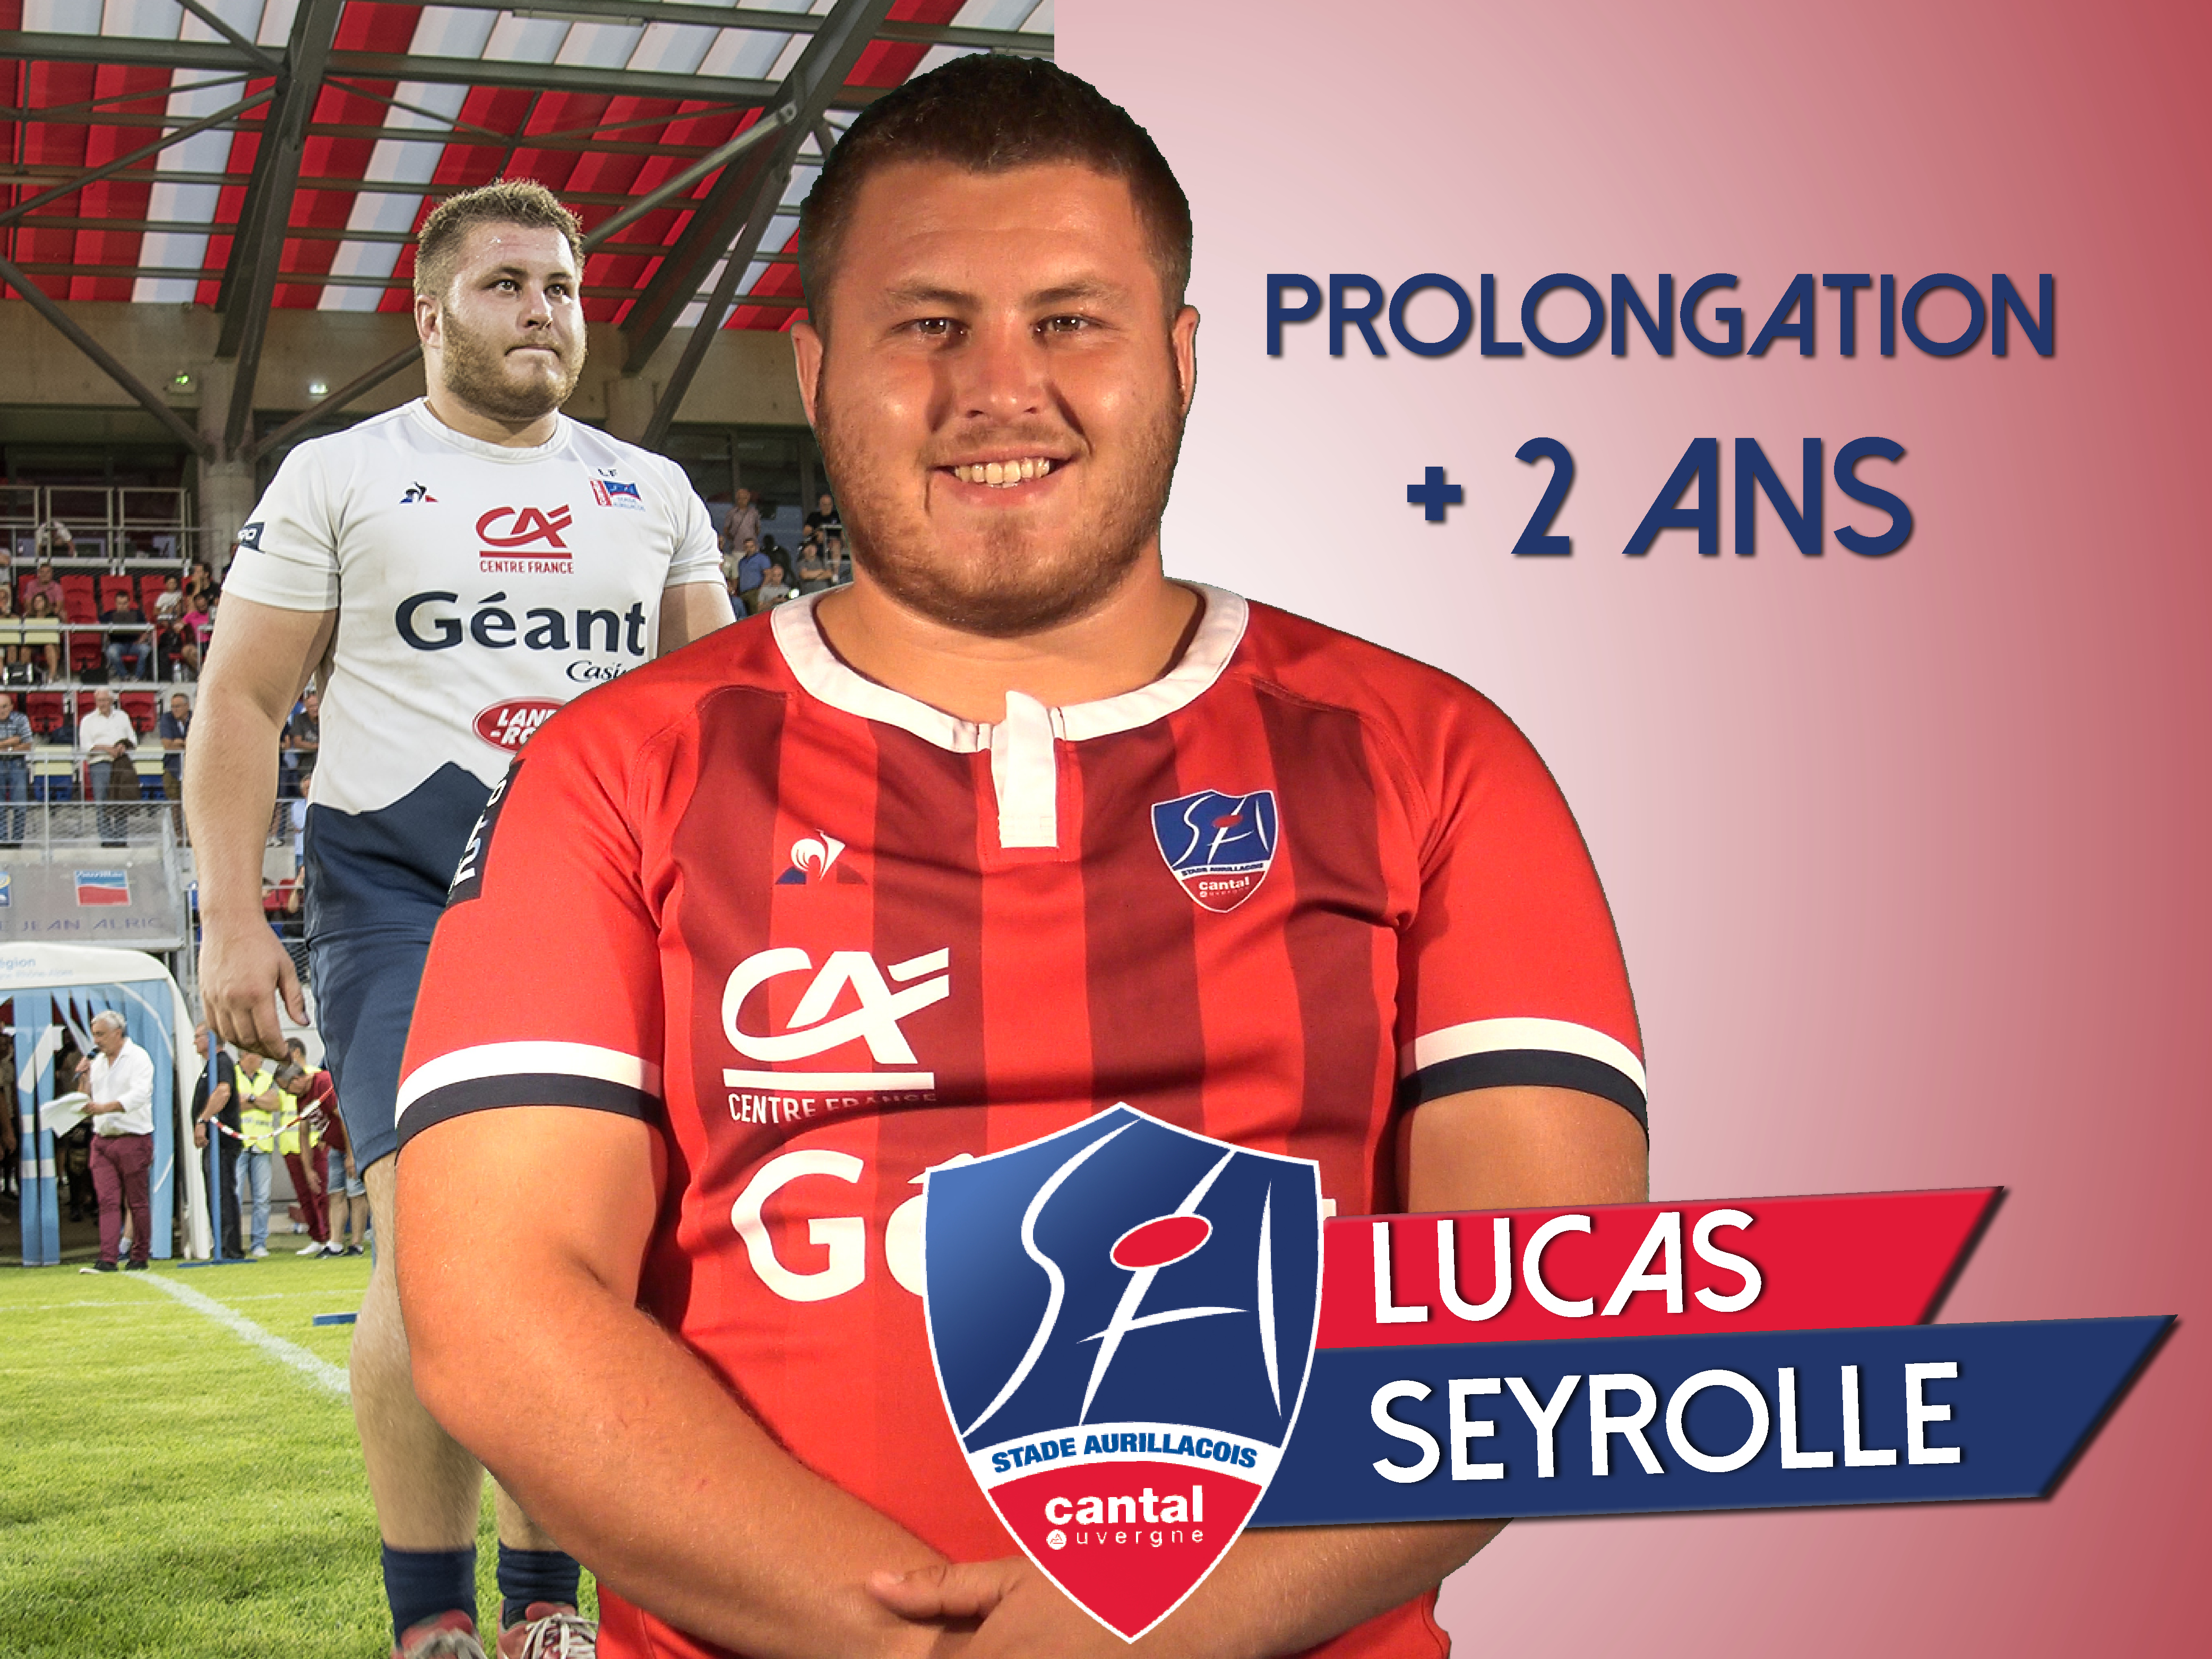 Prolongation de Lucas Seyrolle – Stade Aurillacois Cantal Auvergne